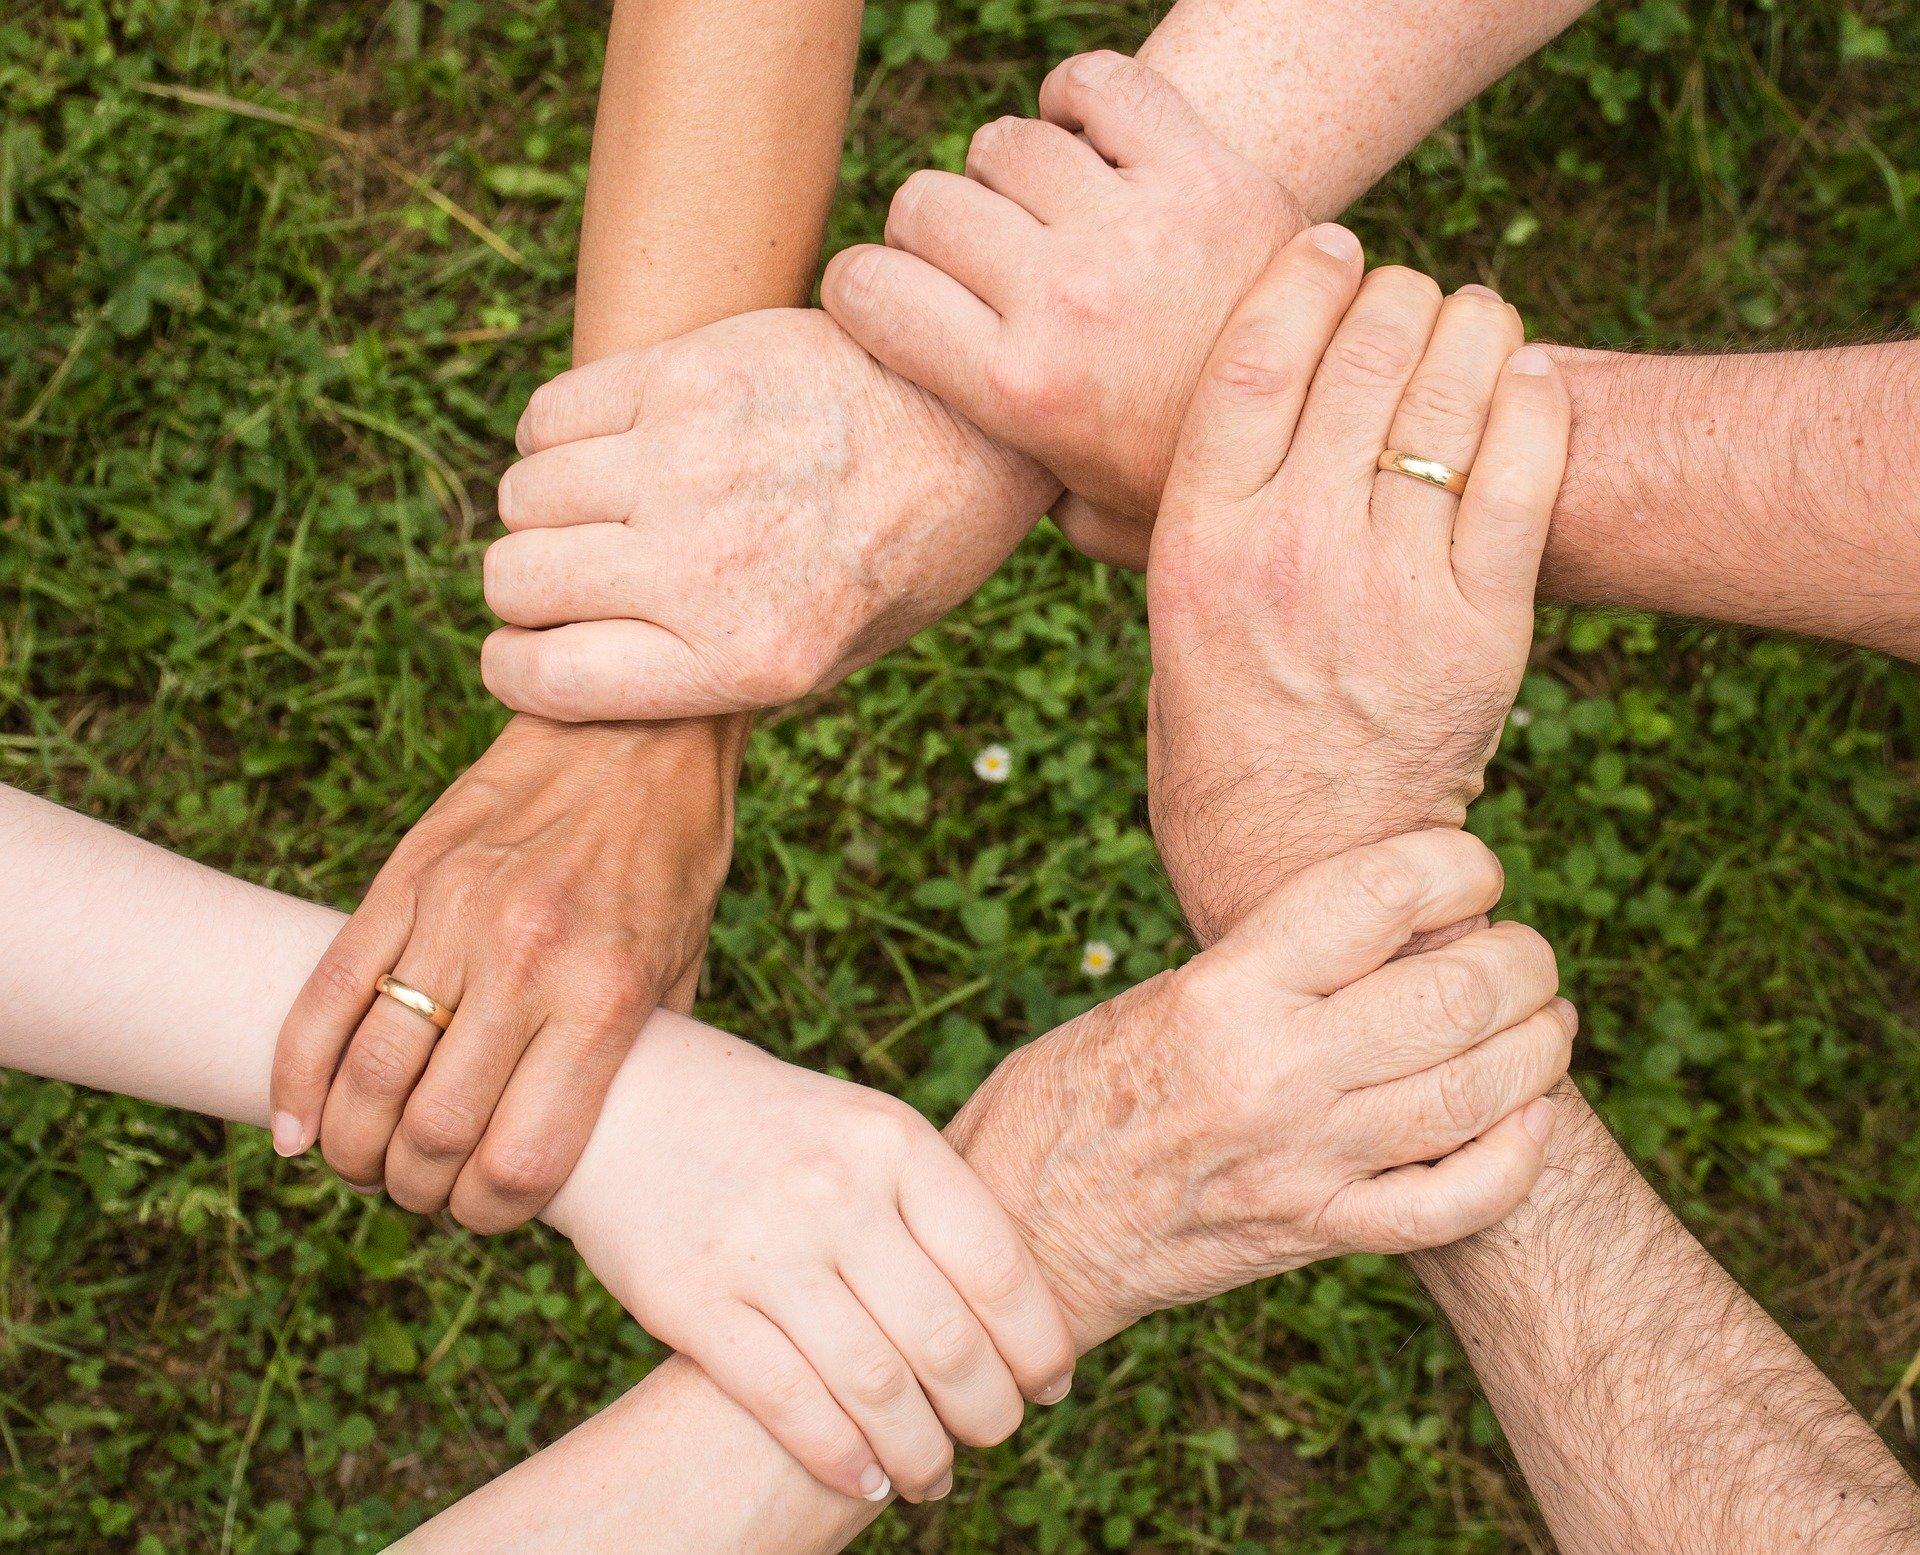 magas vérnyomás és fogyatékosság csoportok hogy ki kezelje a magas vérnyomást terapeutával vagy kardiológussal